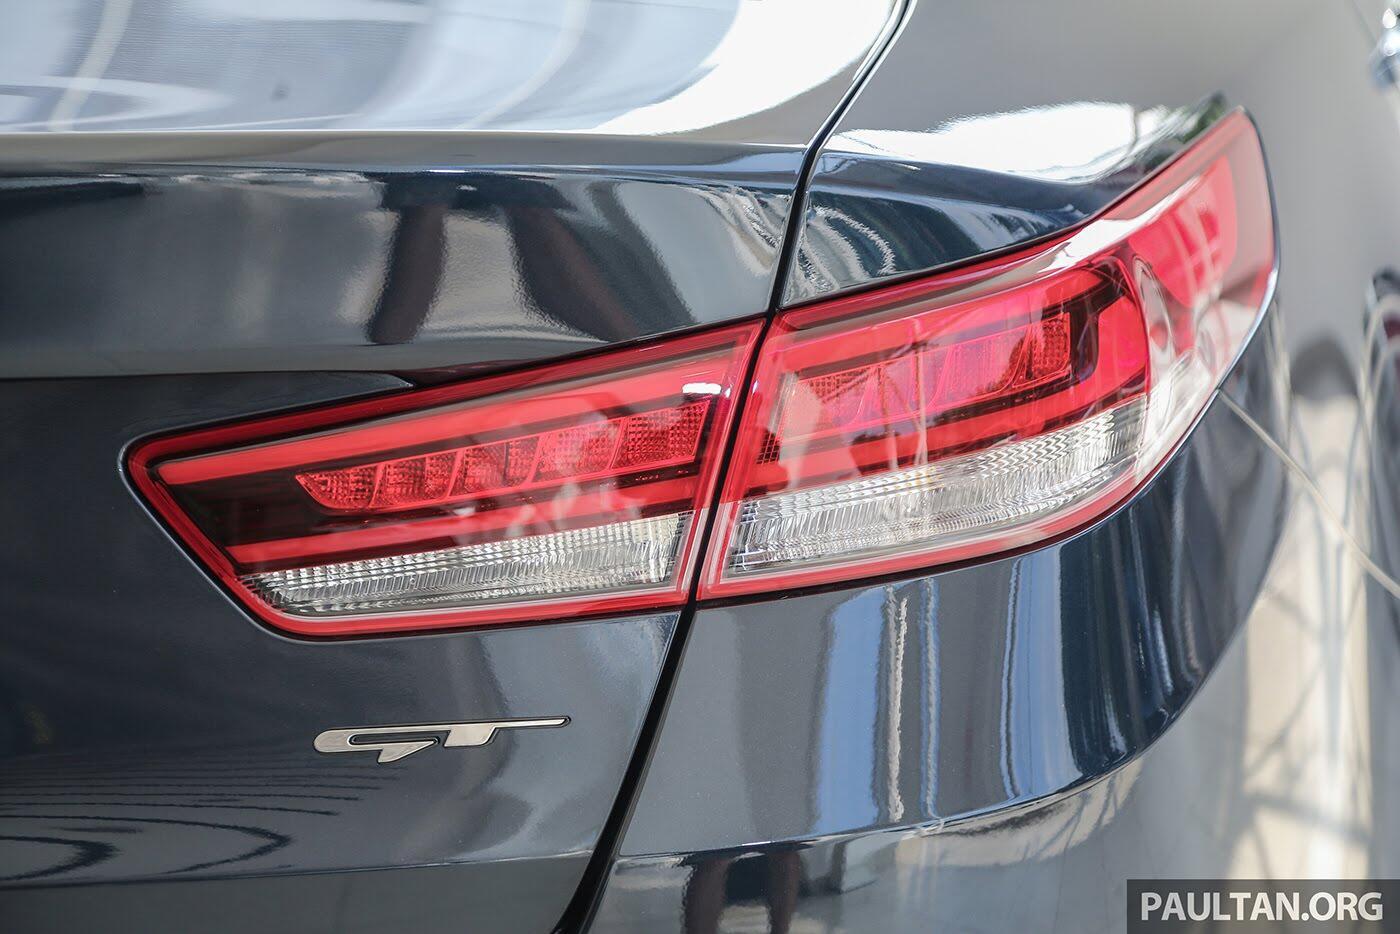 Xem thêm ảnh Kia Optima GT 2017 - Hình 14